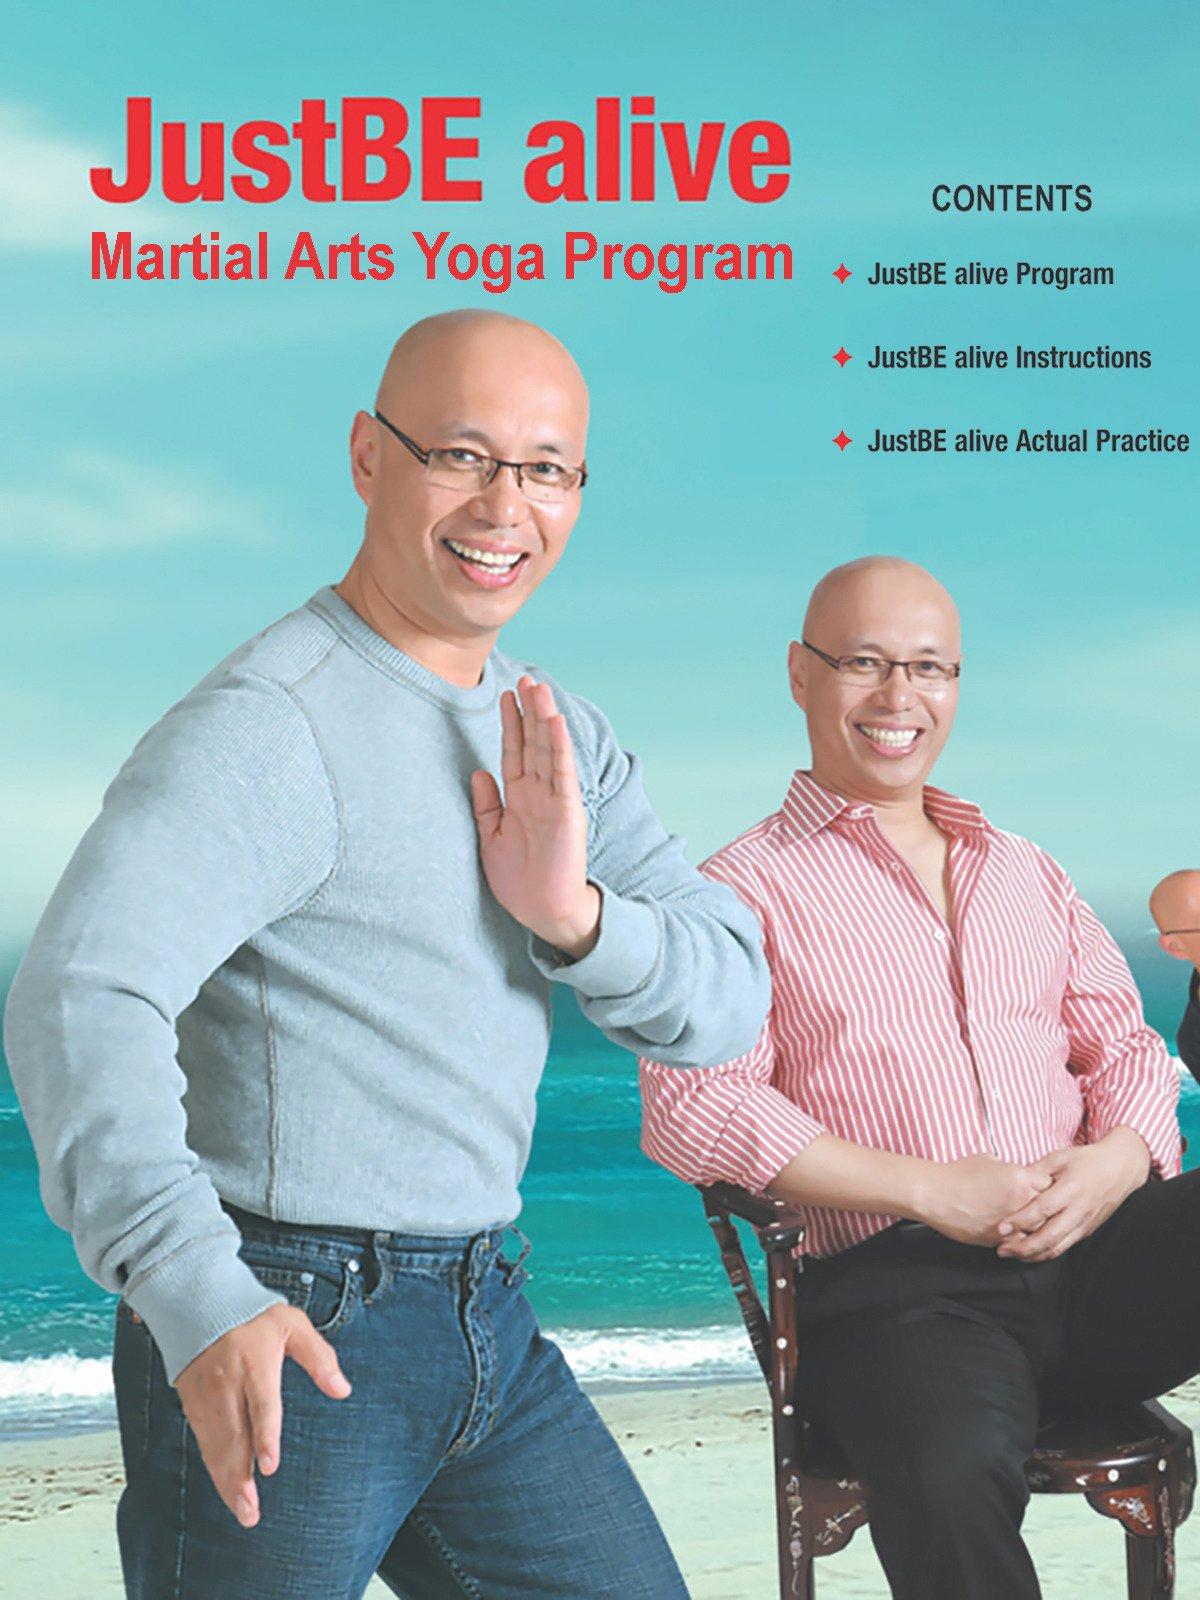 JustBE alive Martial Arts Yoga Program